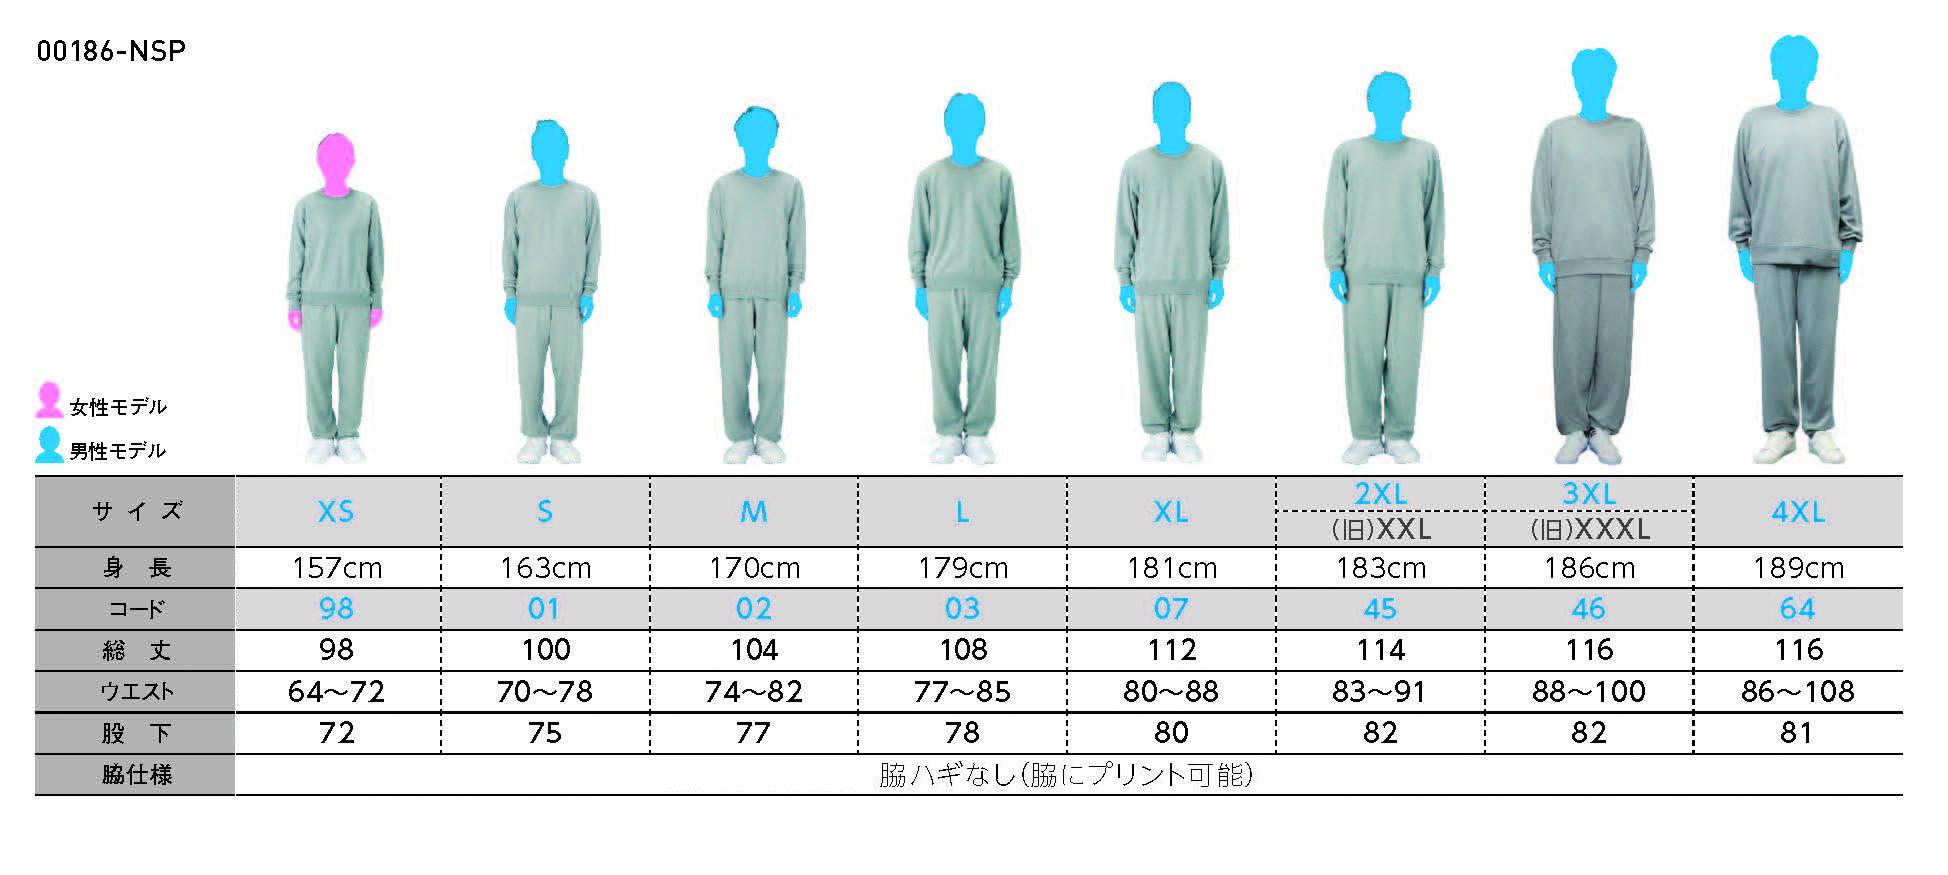 9.7オンス  スタンダードスウェットパンツのサイズチャート